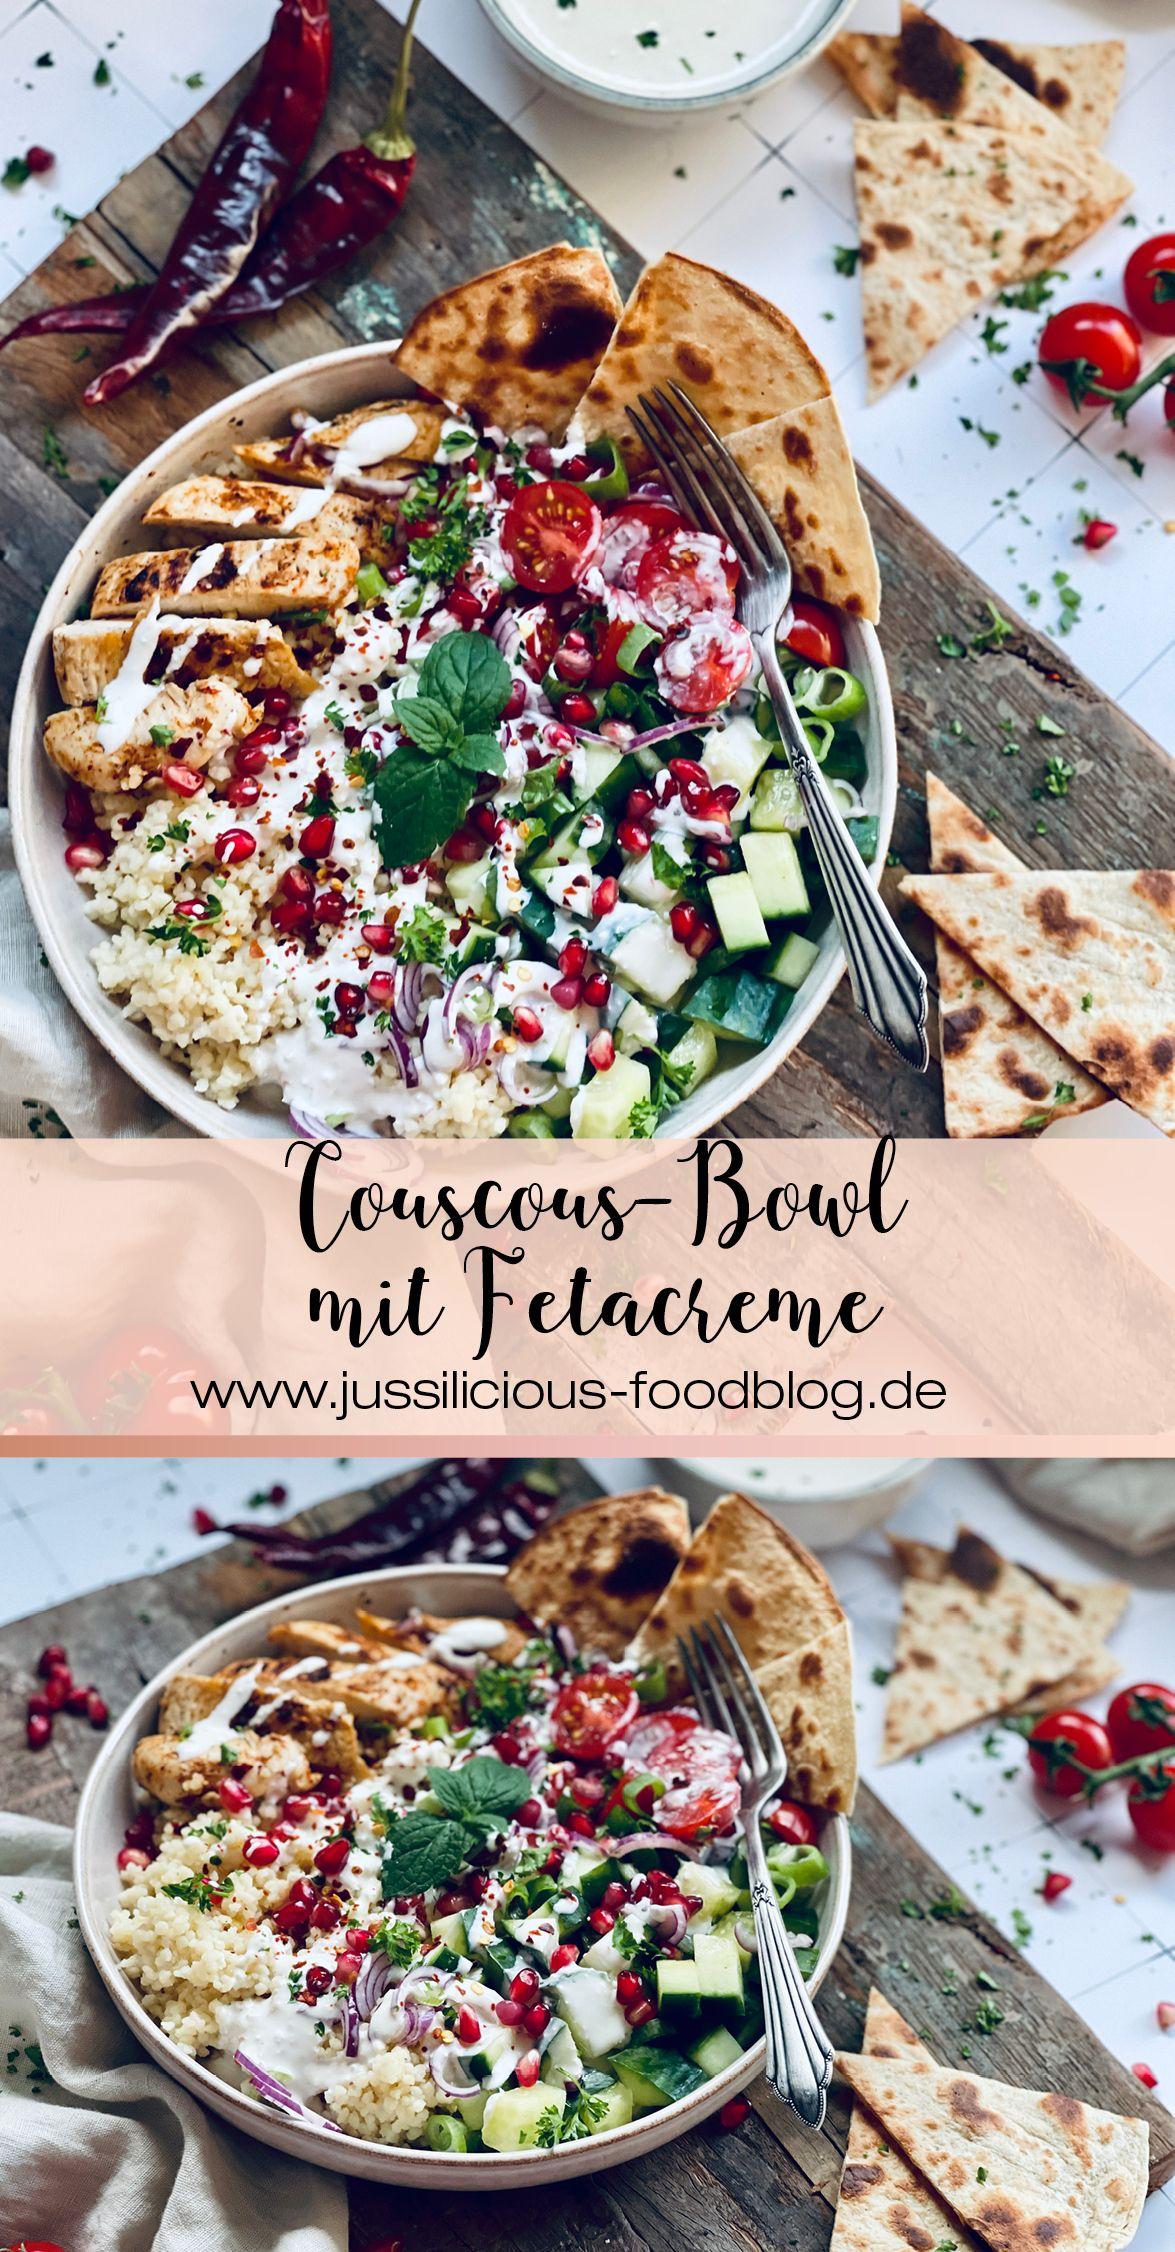 Couscous-Bowl mit Fetacreme Rezept - Jussilicious-Foodblog